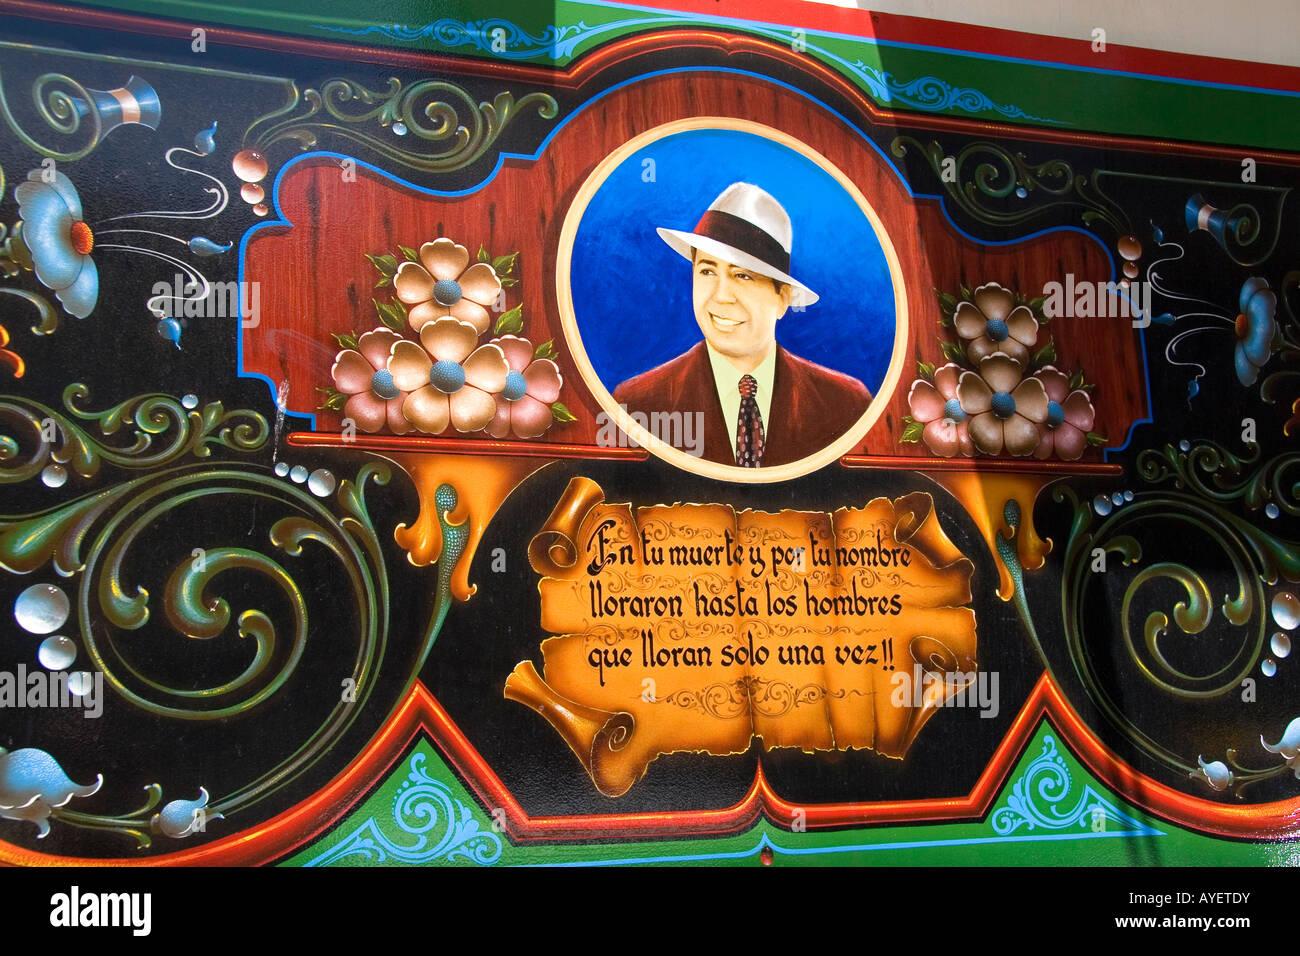 Wandbild von Carlos Gardel in Buenos Aires Argentinien Stockbild